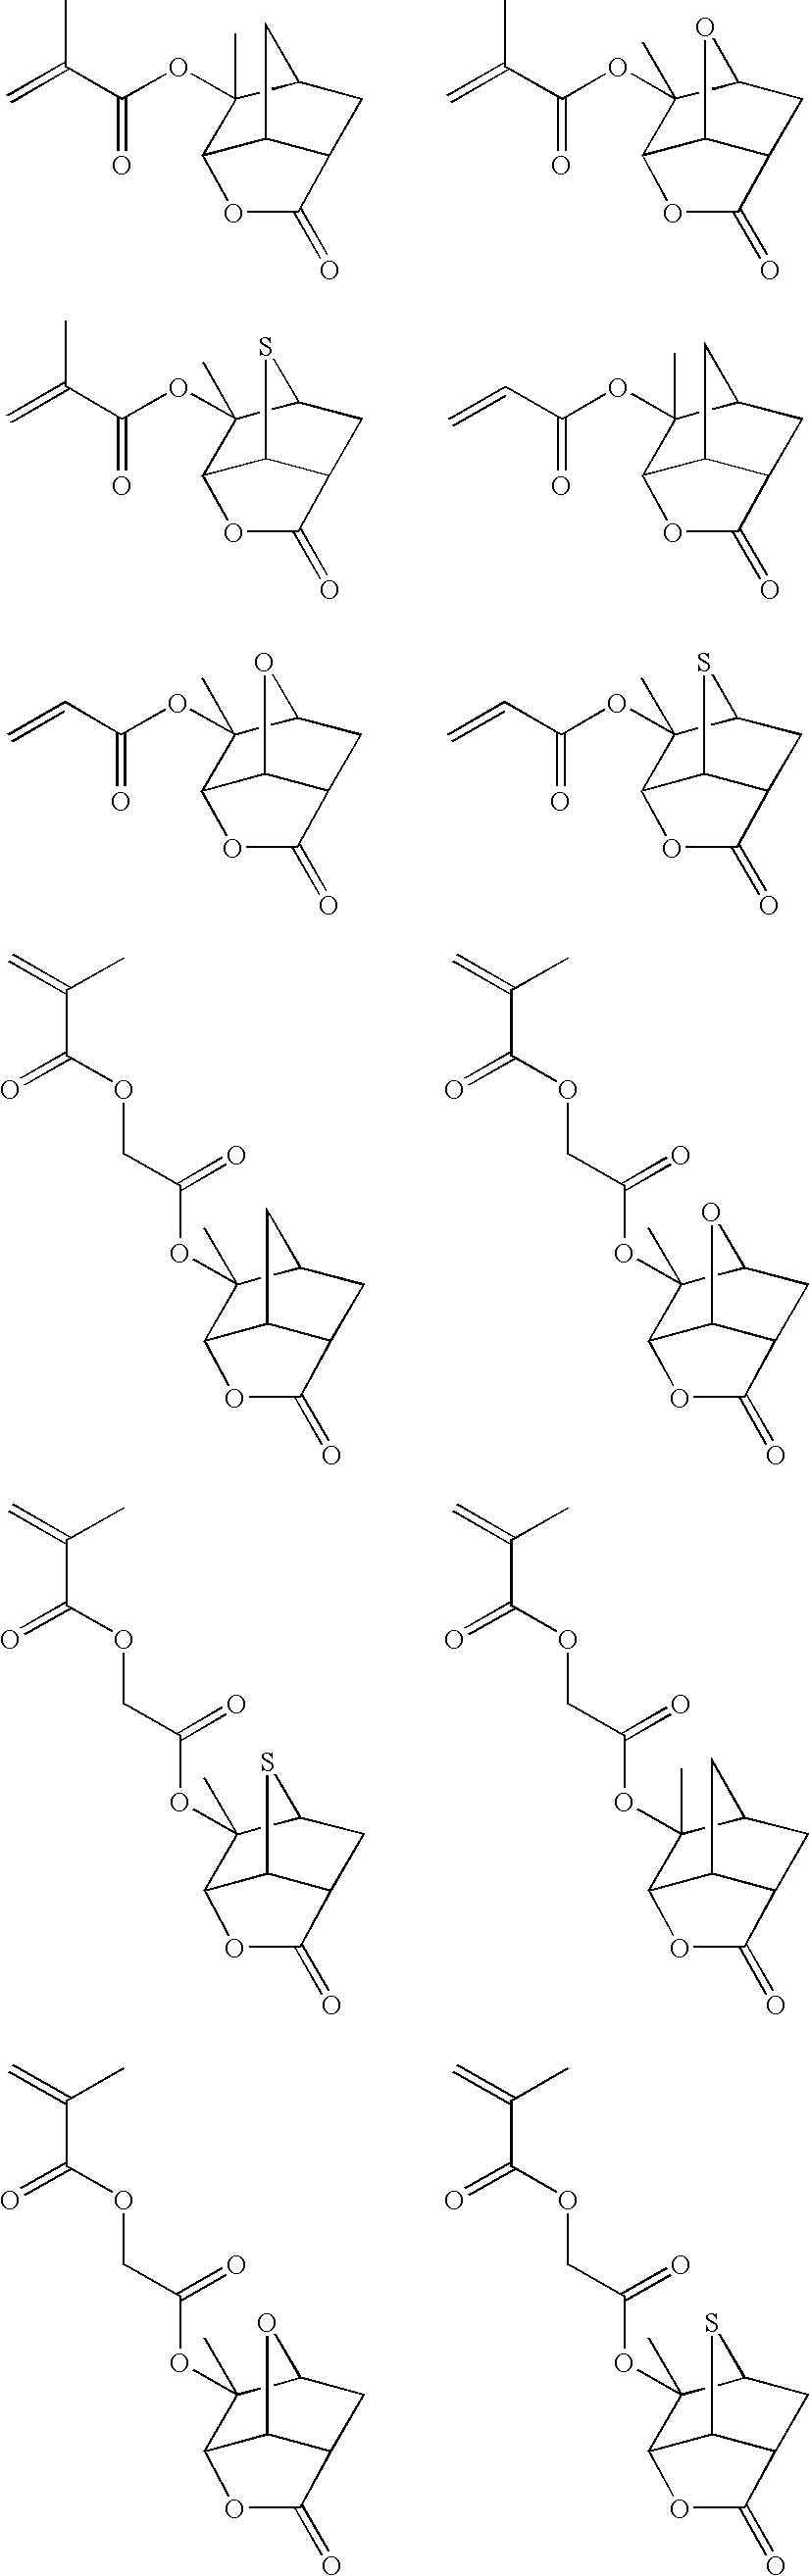 Figure US20100323296A1-20101223-C00039